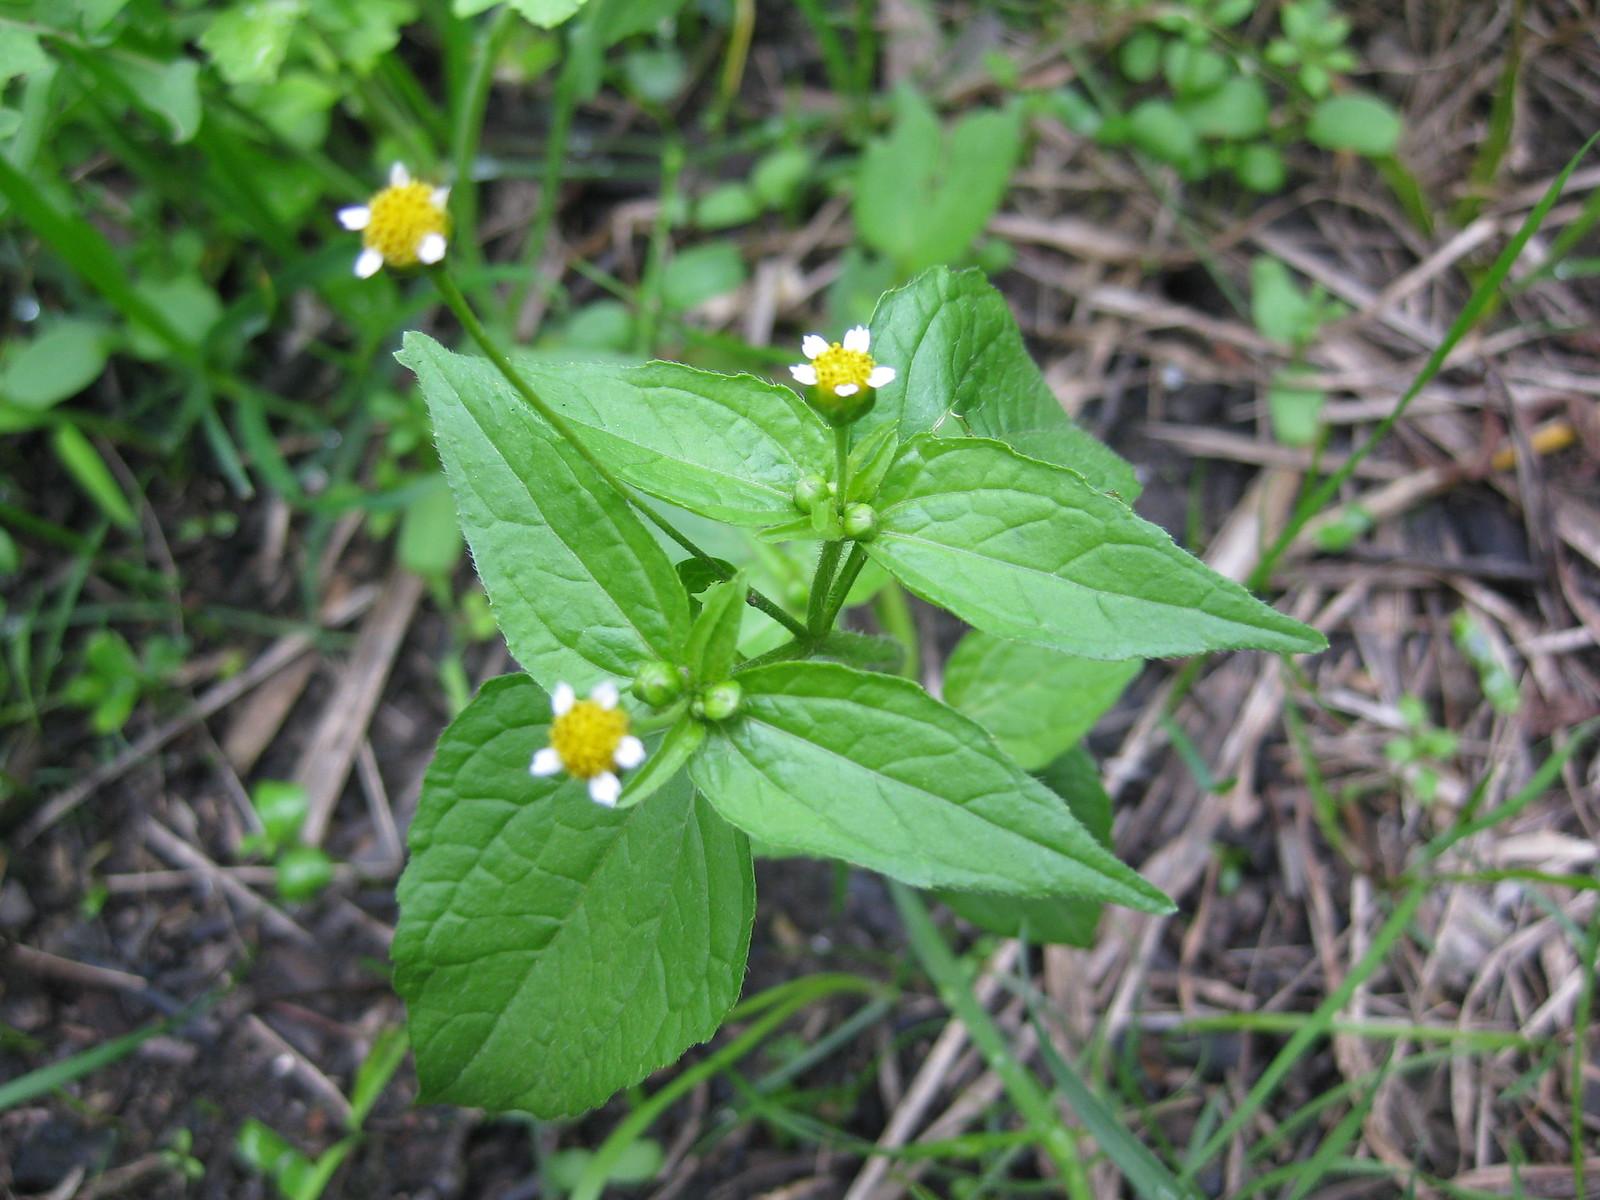 gallant soldier (Galinsoga parviflora)